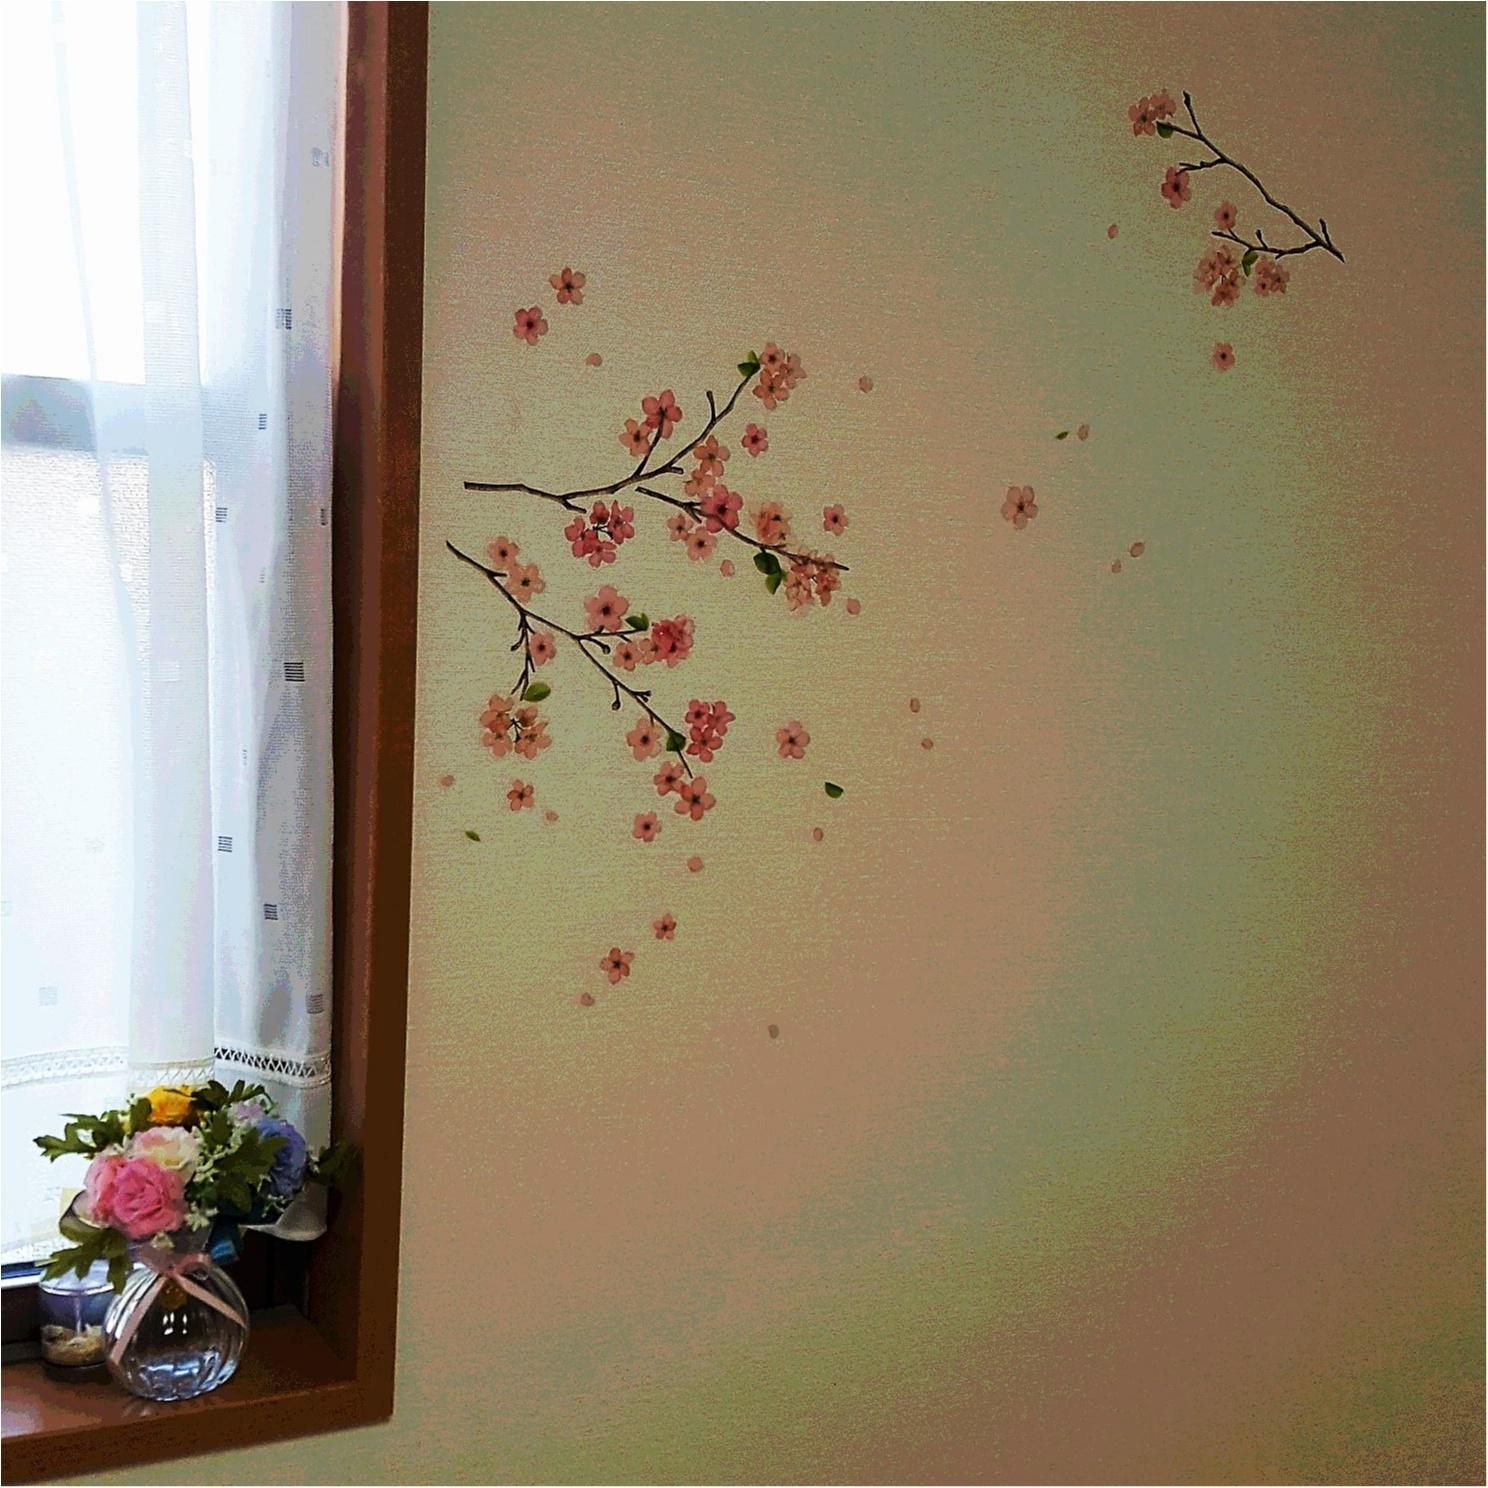 いつでも桜見。。簡単に模様替えできるウォールステッカーが使える!_1